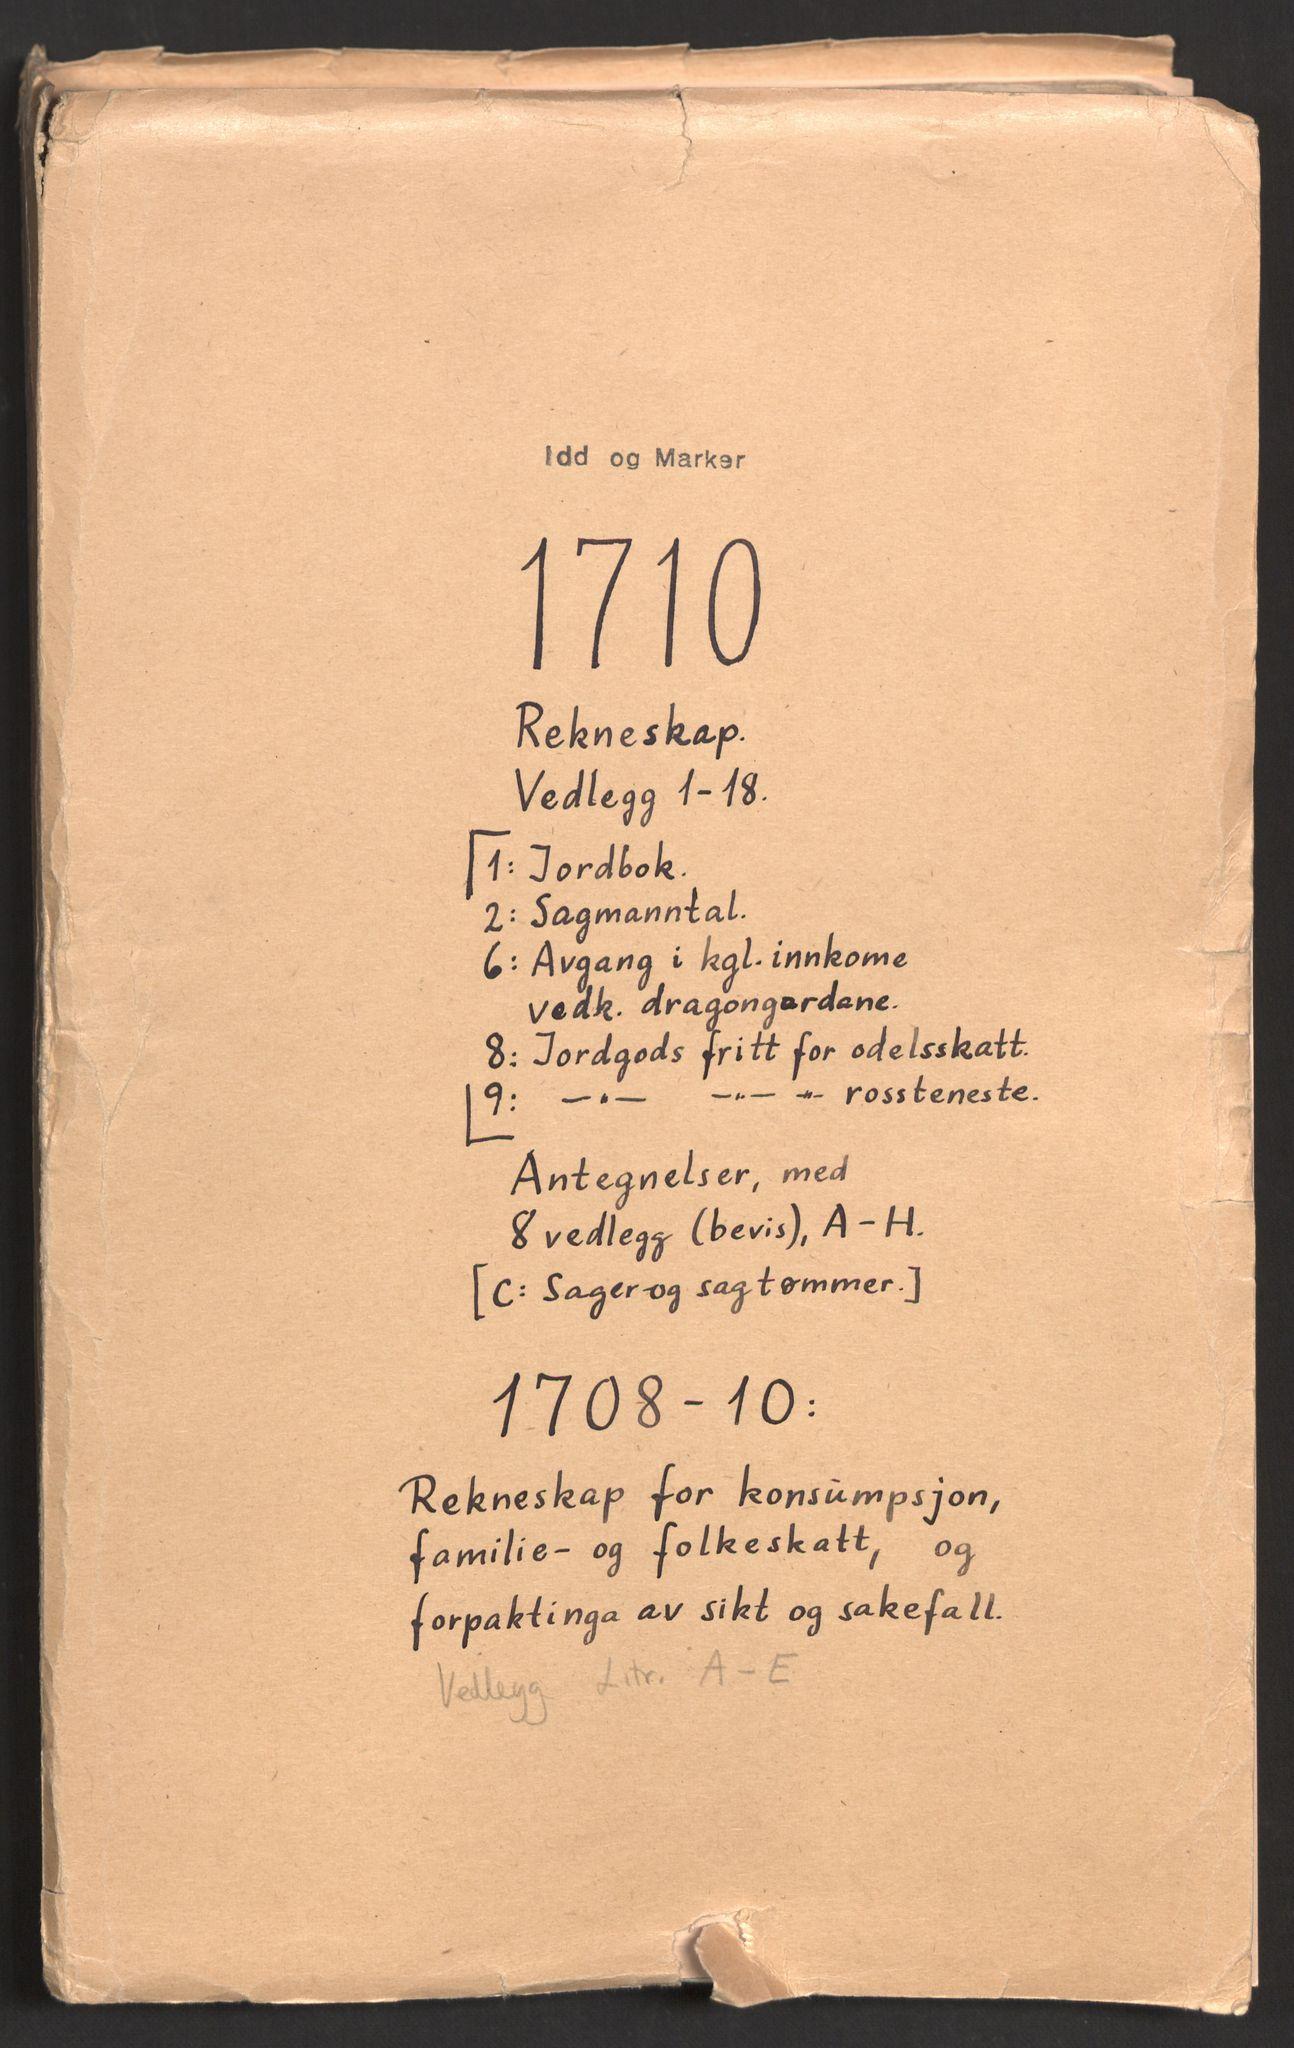 RA, Rentekammeret inntil 1814, Reviderte regnskaper, Fogderegnskap, R01/L0019: Fogderegnskap Idd og Marker, 1710, p. 2